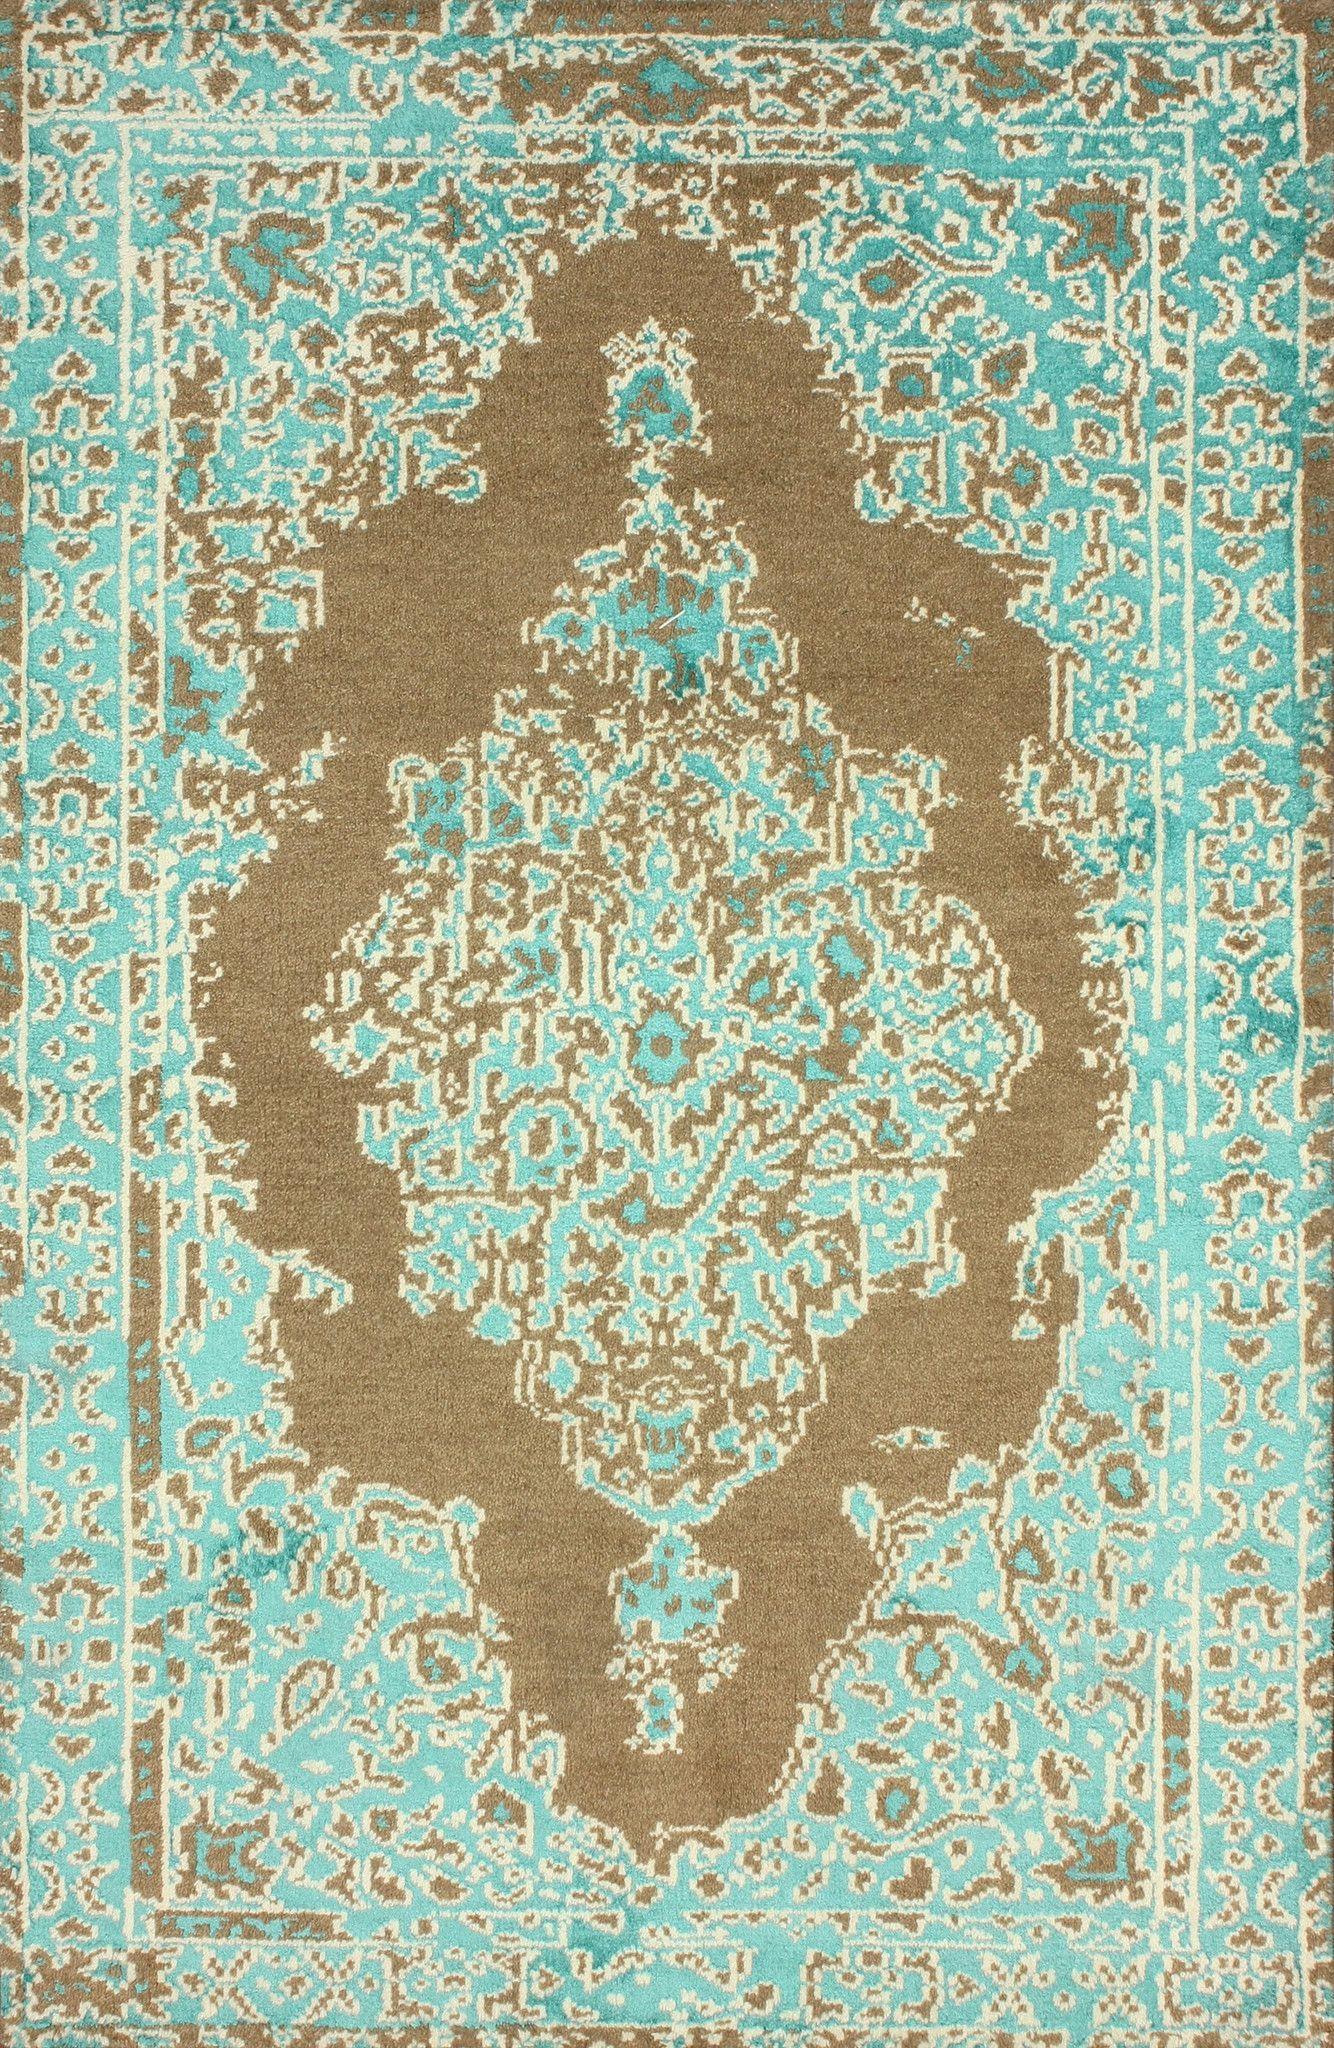 I found this on www.burkedecor.com. home decor, print, design, decor, style, modern, home, house, contemporary, trends, interior design.